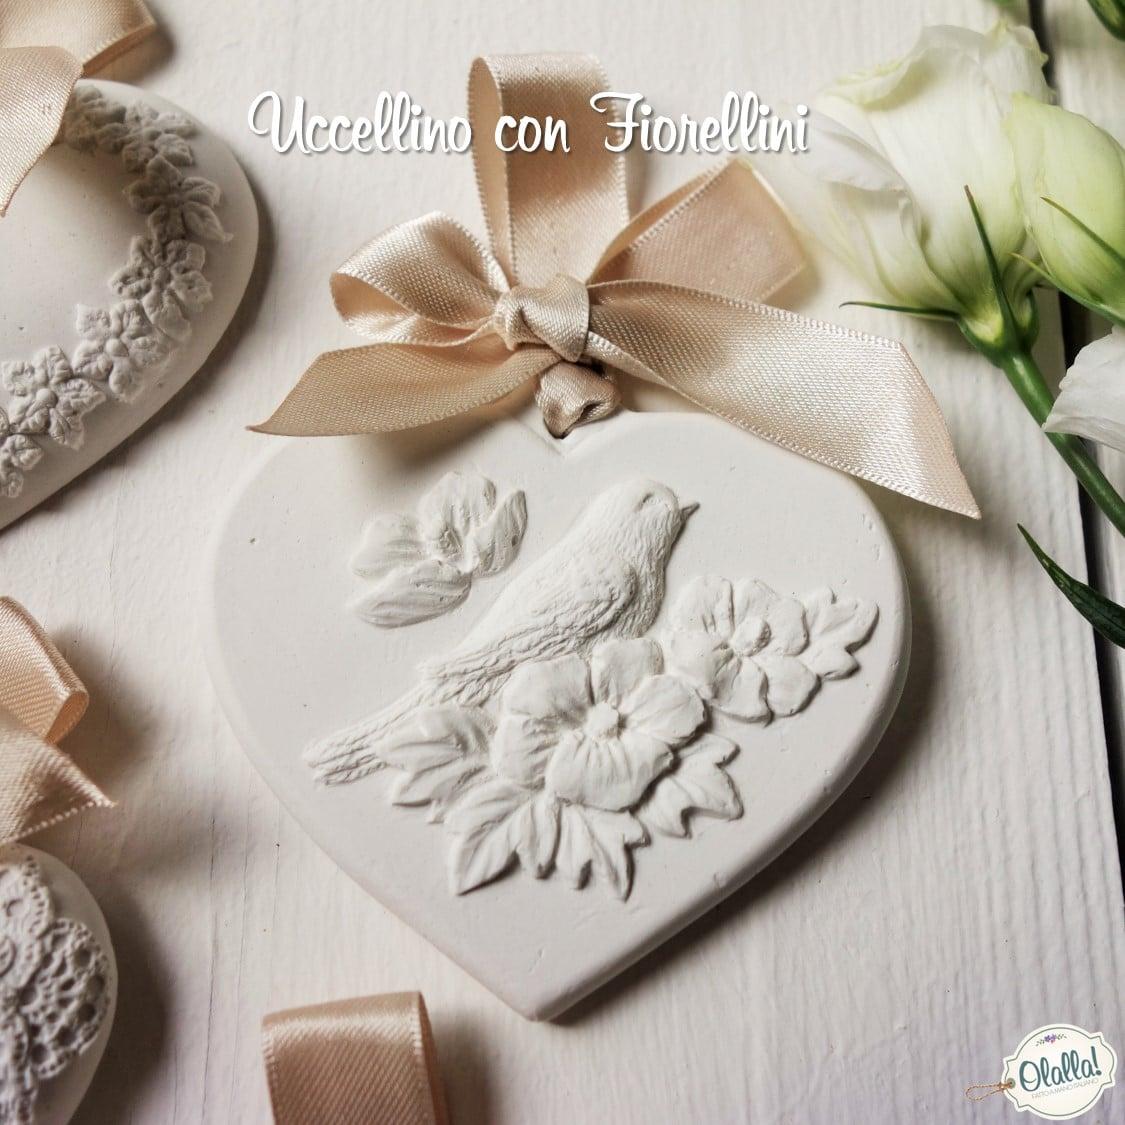 gessetti-profumati-uccellino con fiorellini2